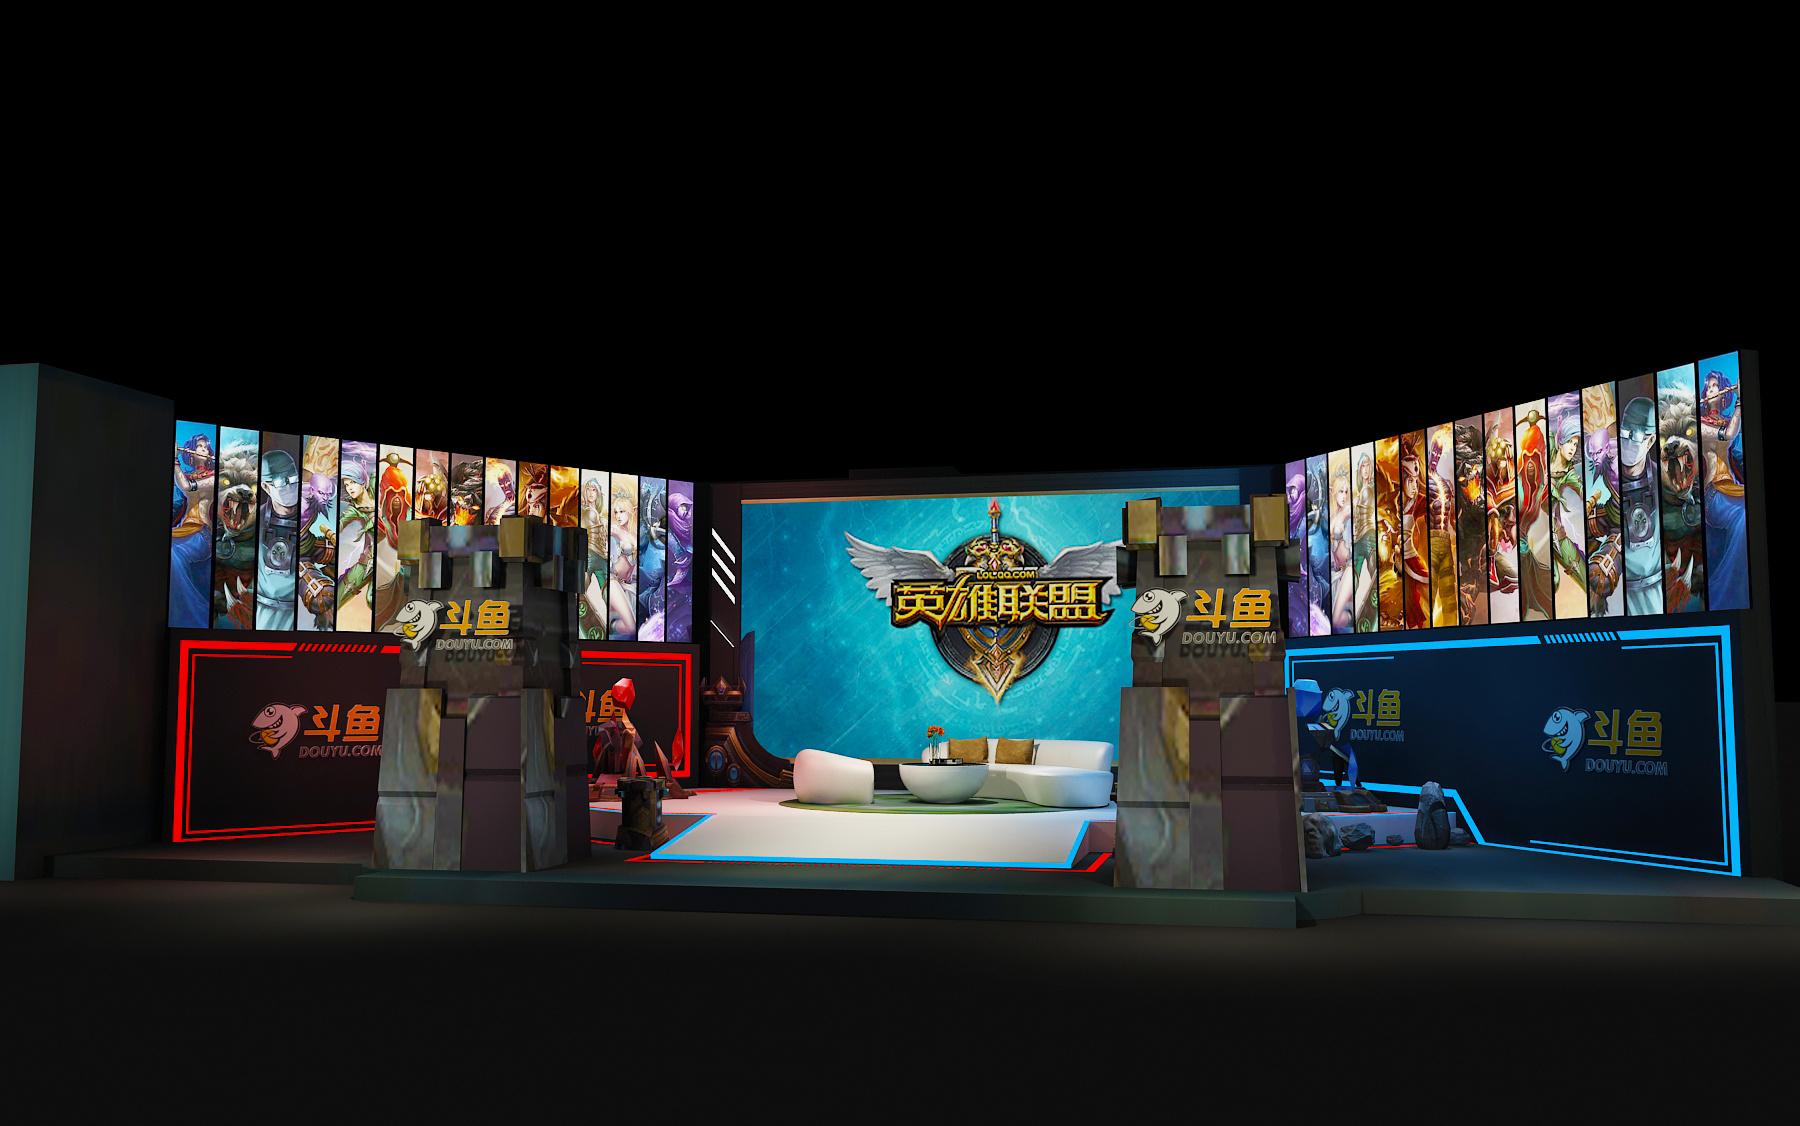 斗鱼 英雄联盟 转播间 直播间 线下活动 3d效果图图片